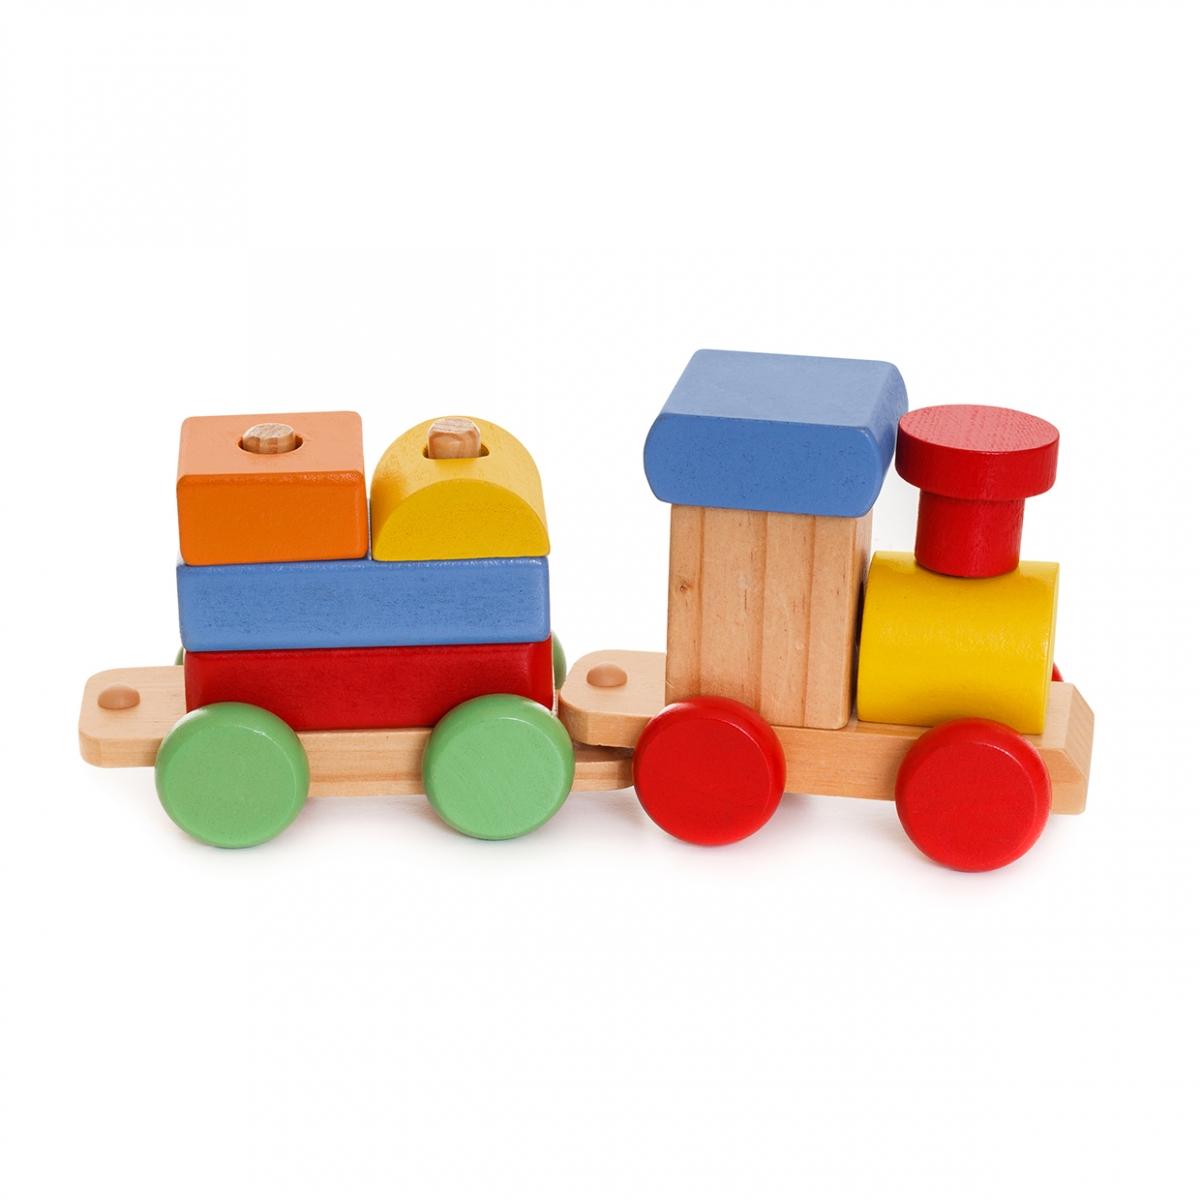 Imagen en la que se ve un tren de juguete compuesto por bloques de madera